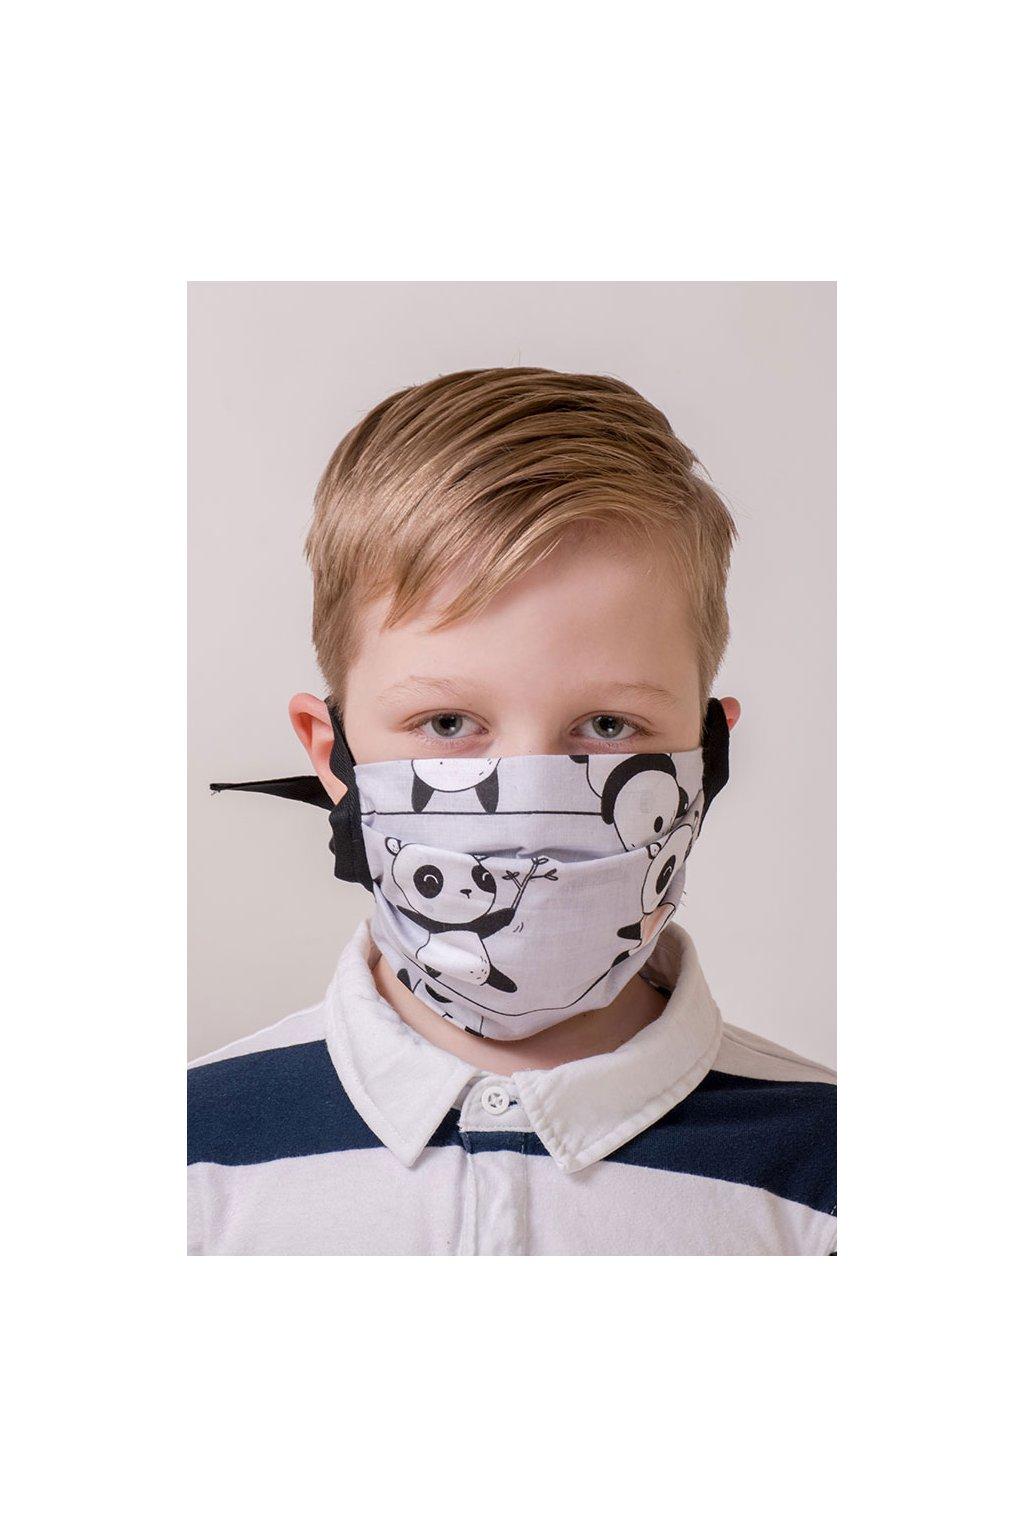 Dětská bavlněná rouška na ústa a nos dvouvrstvá skládaná s kapsou, šňůry z keprové stuhy, 787-207, Šedá/panda